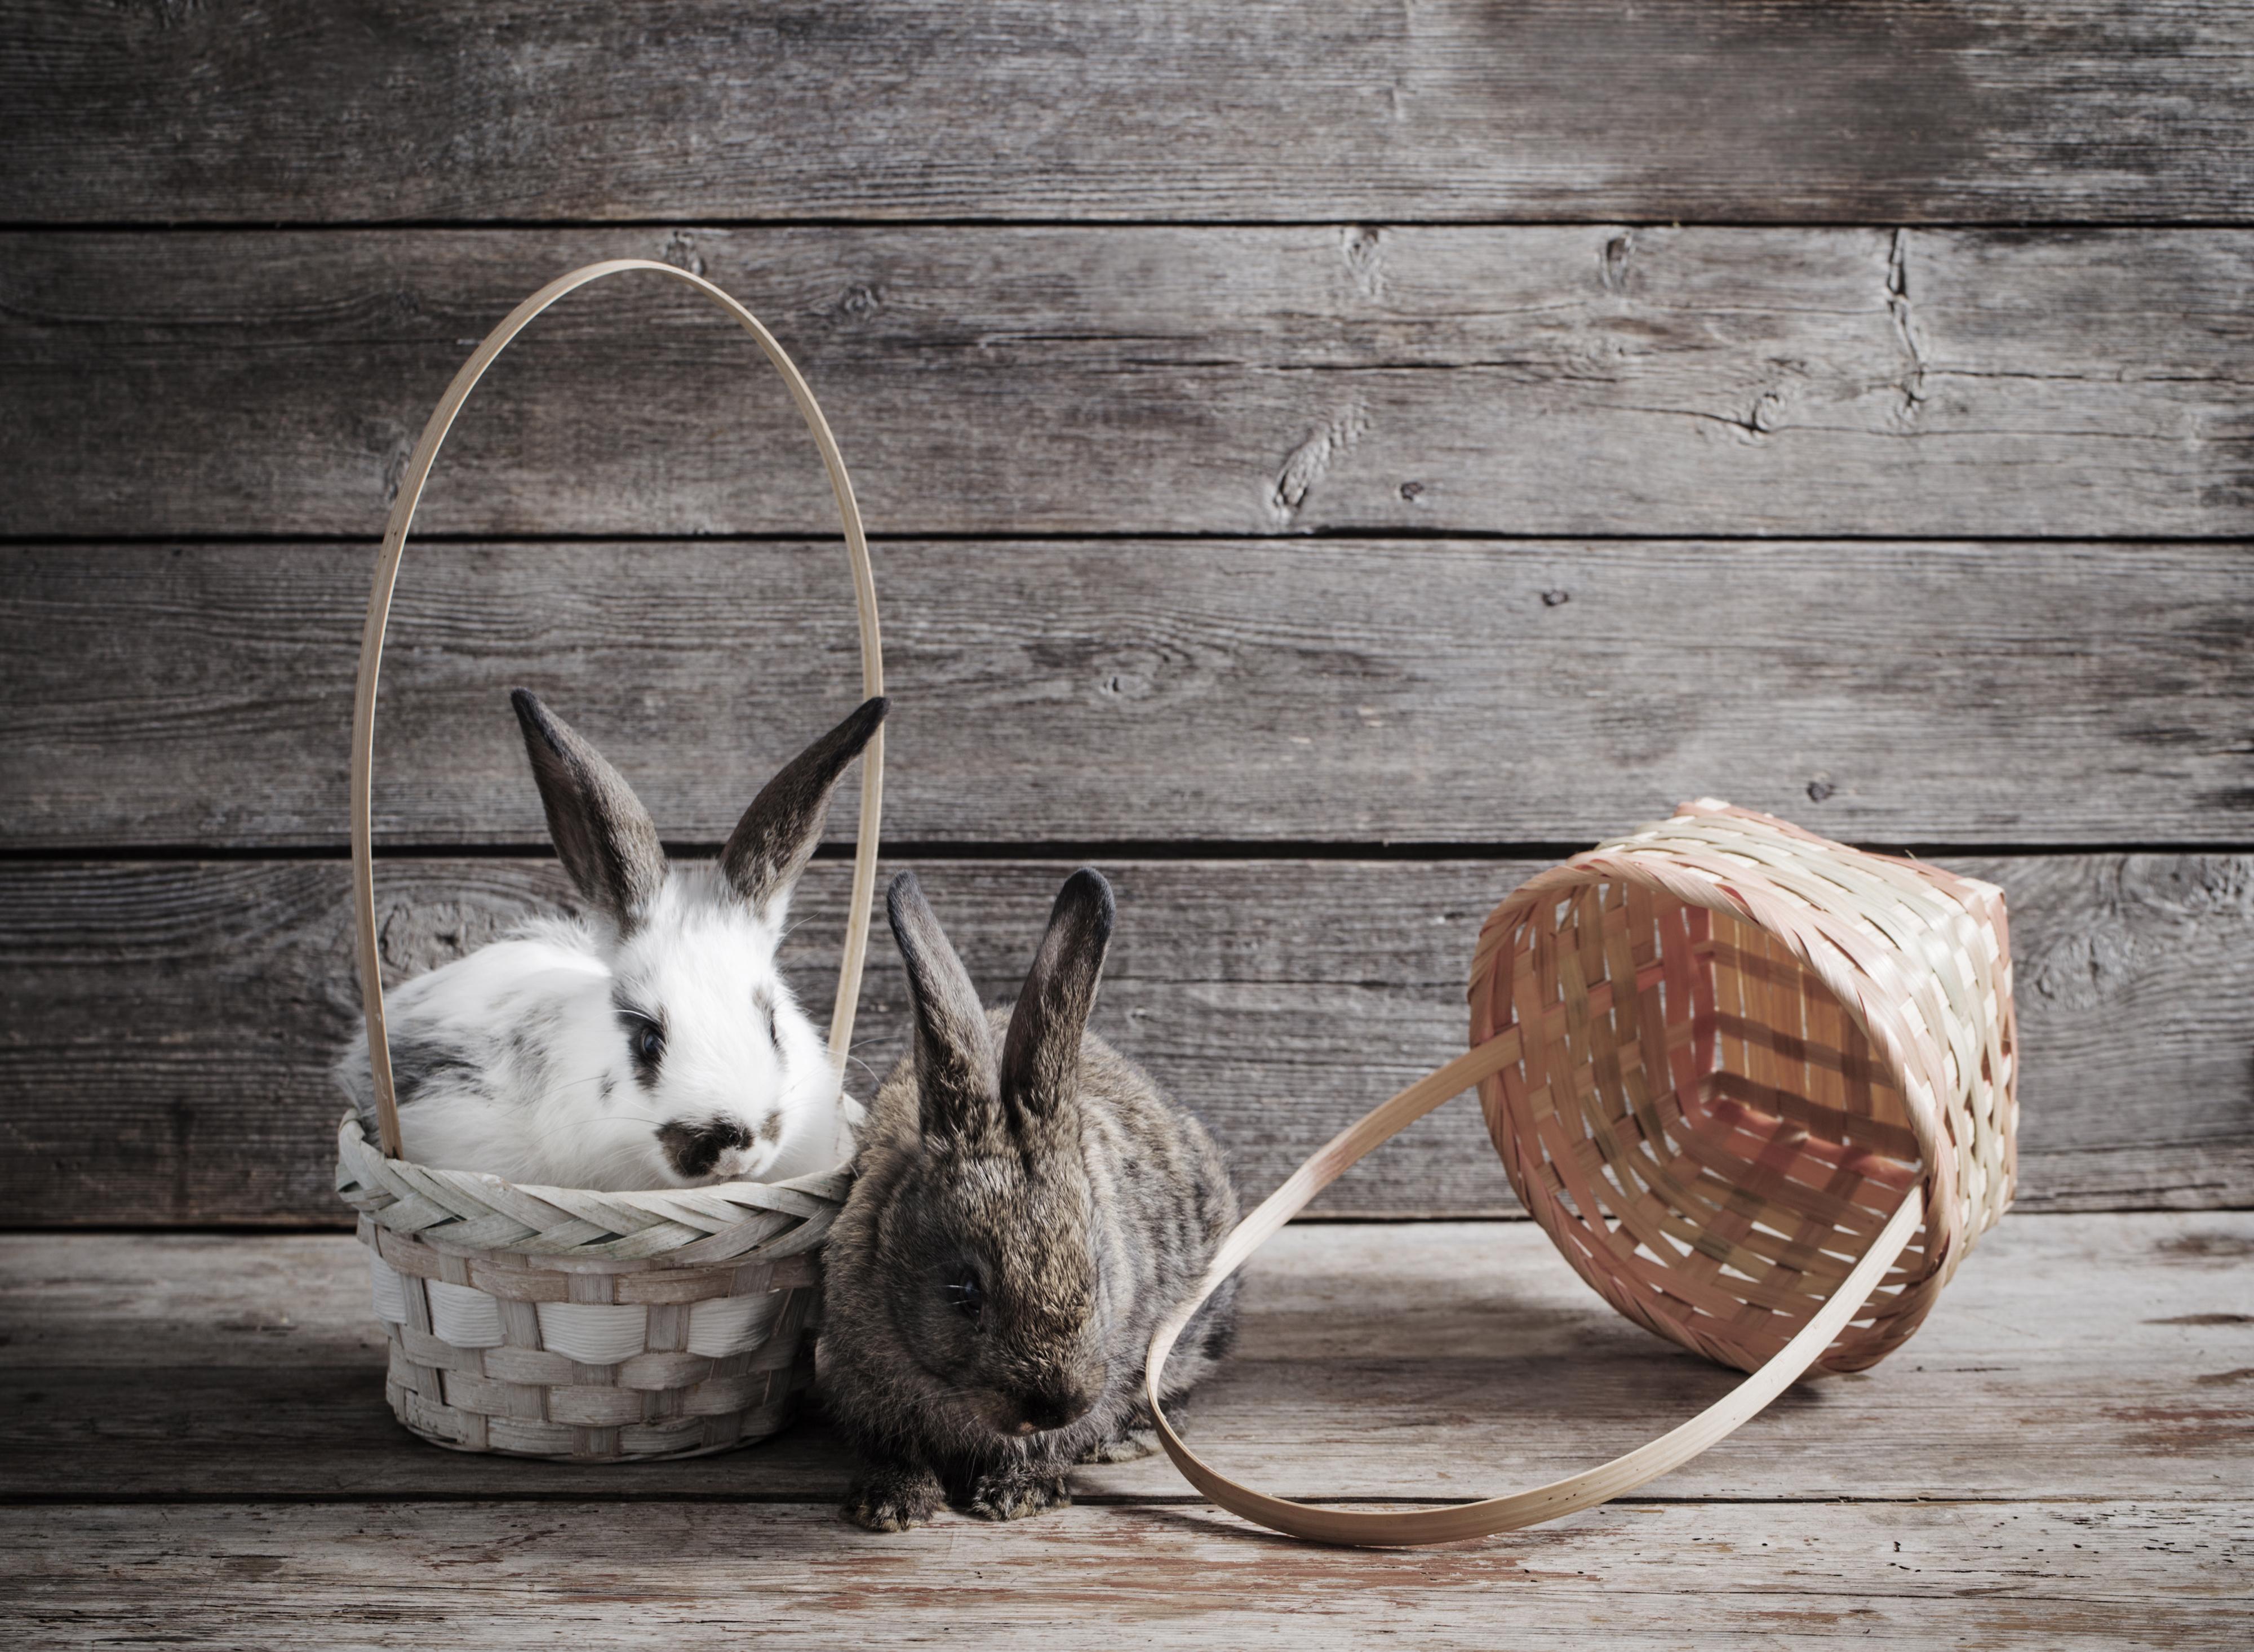 Фото Кролики две Корзина Стена животное Доски 4000x2932 кролик 2 два Двое вдвоем корзины Корзинка стене стены стенка Животные